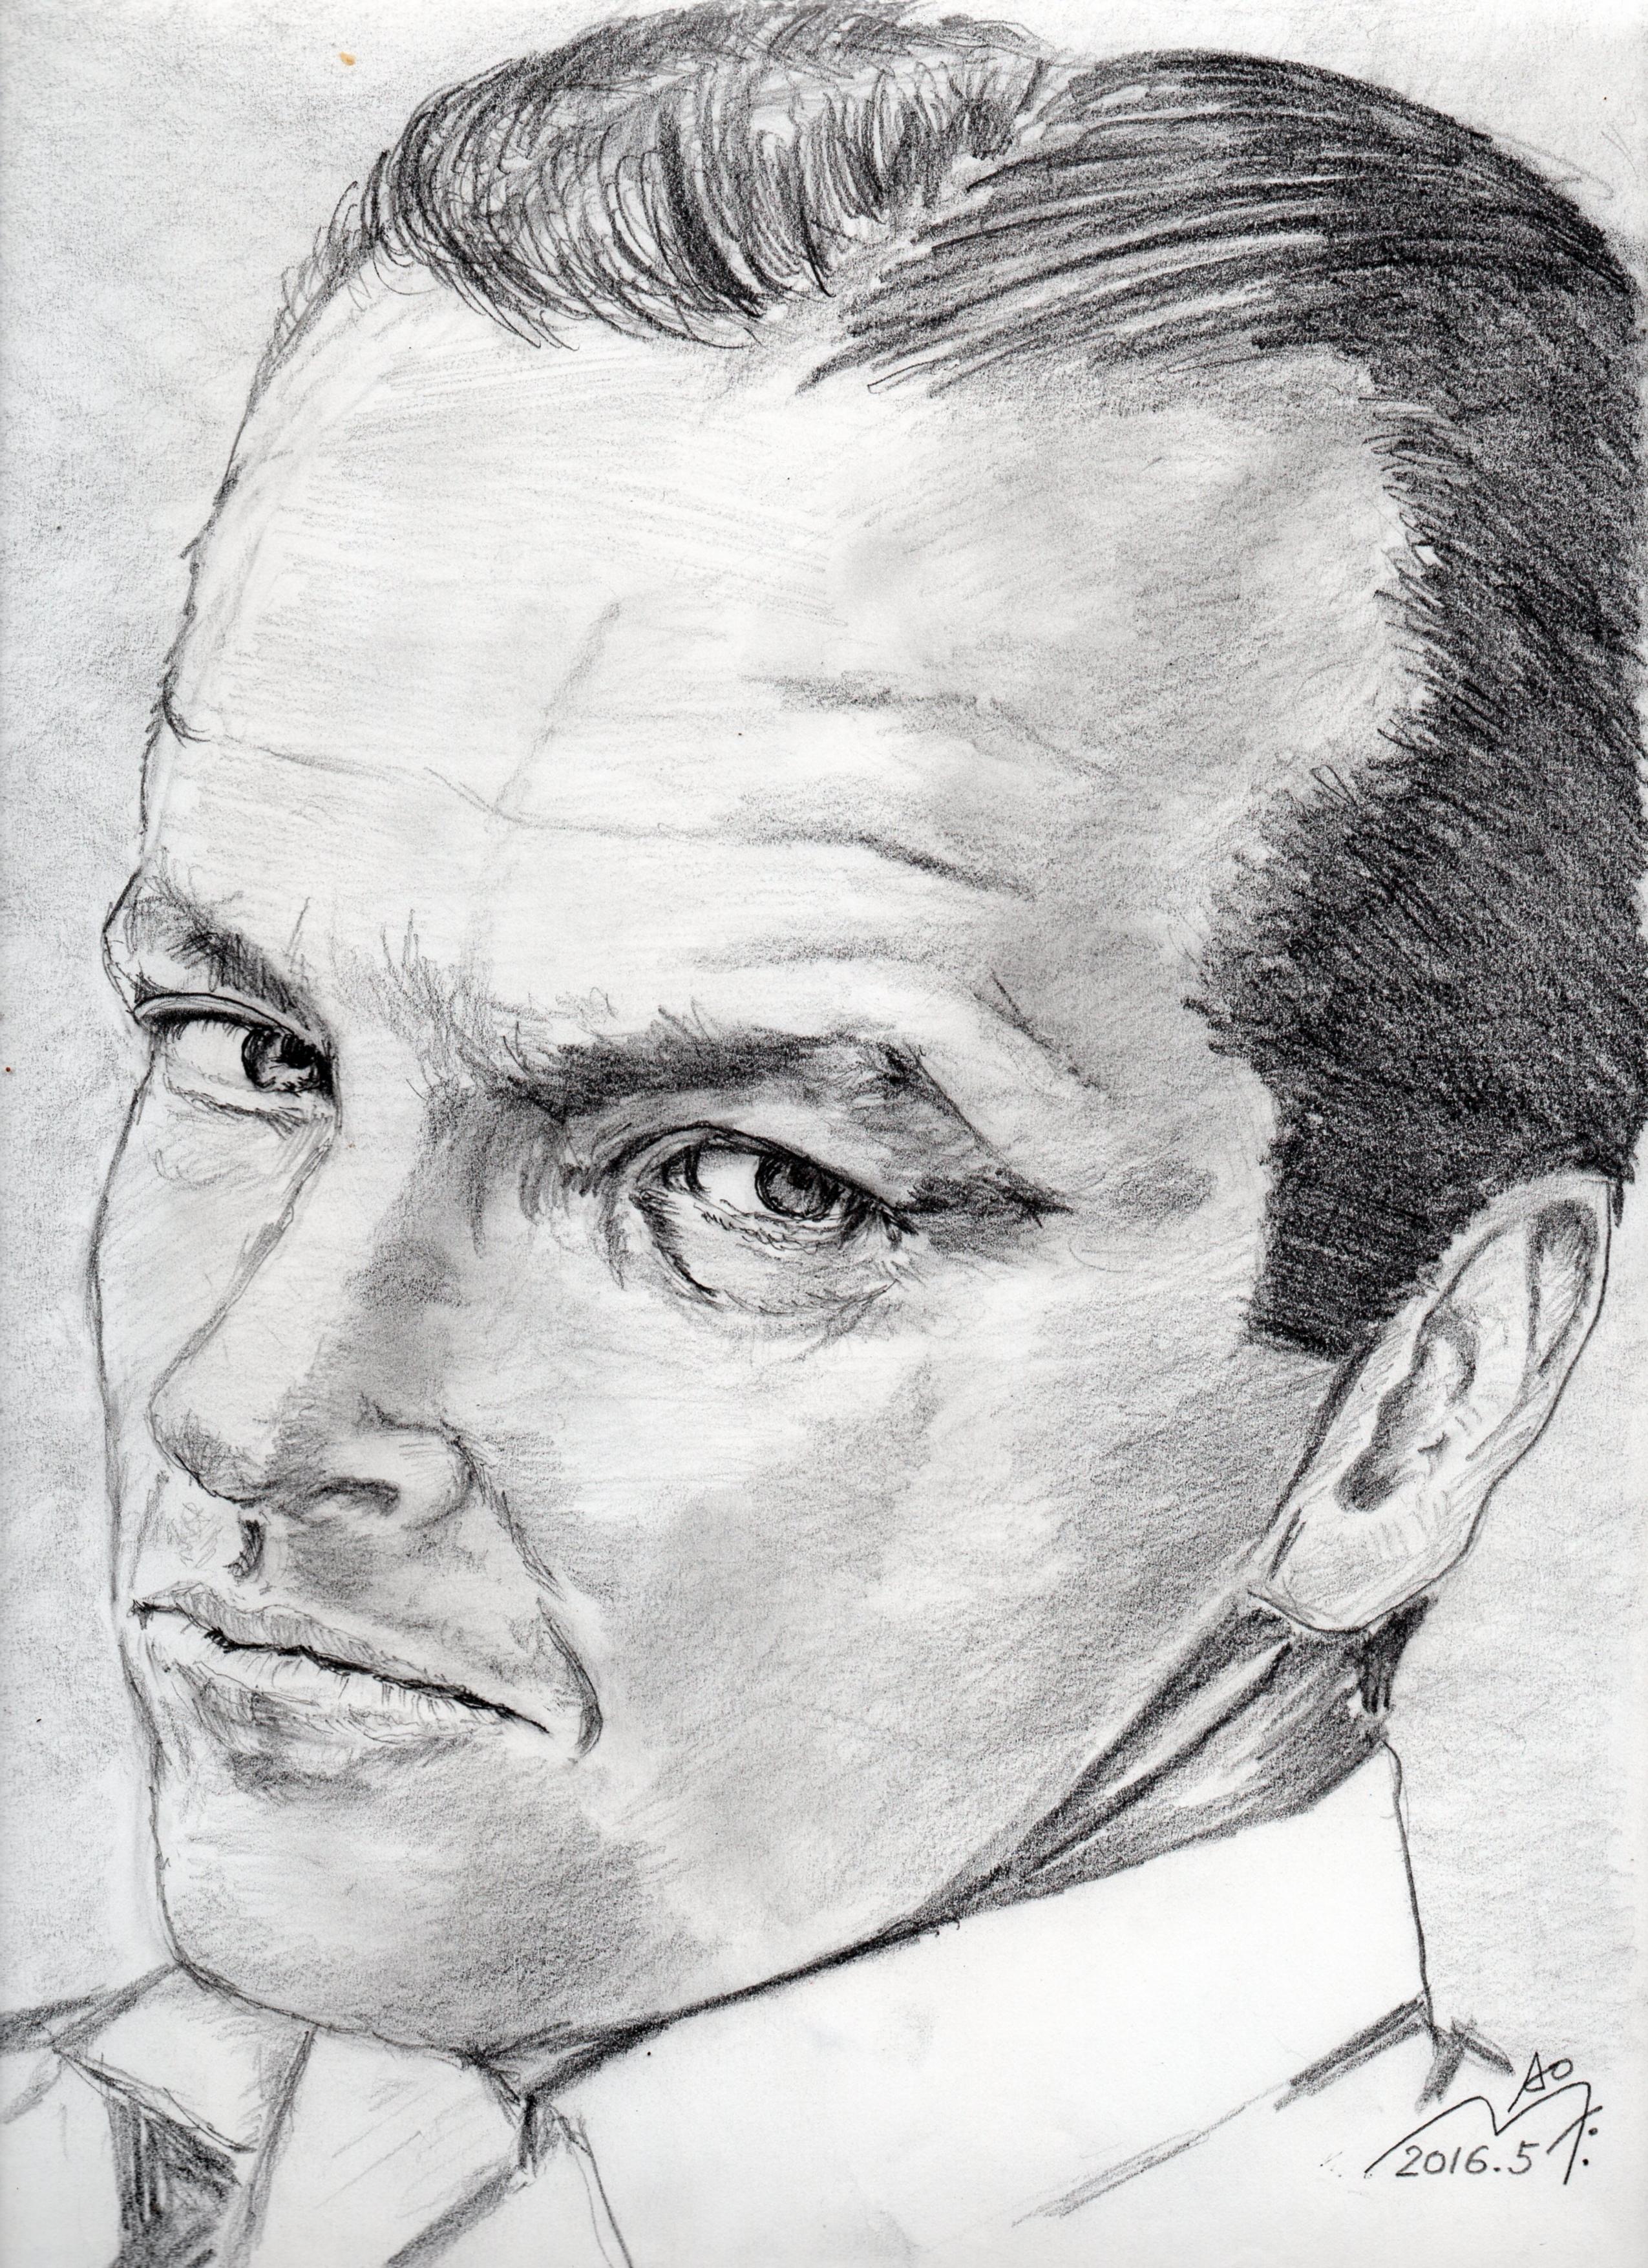 ジャック・ニコルソンの鉛筆画似顔絵